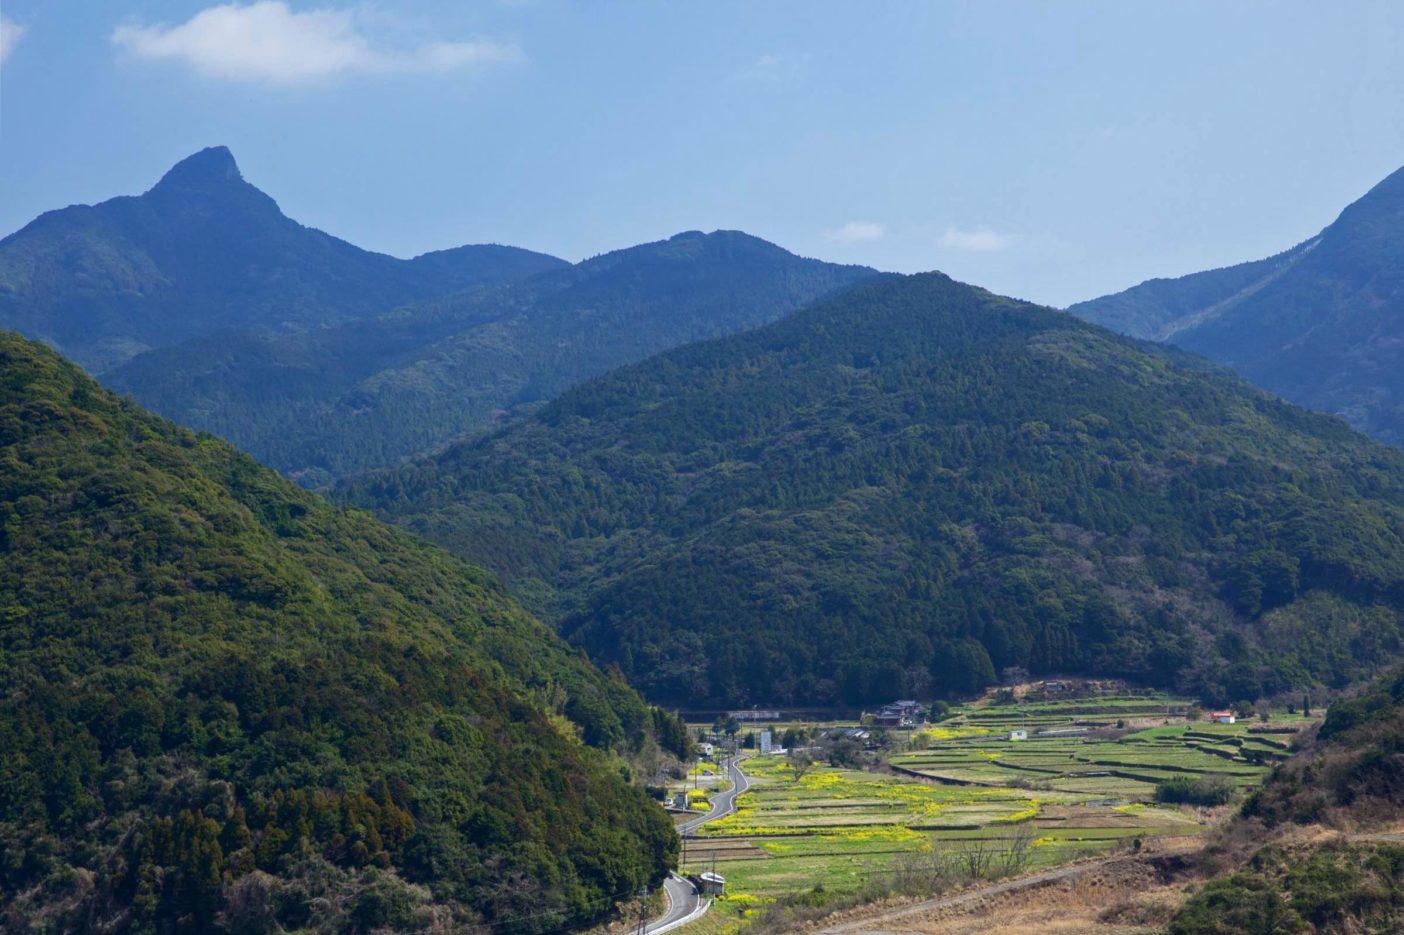 虚空蔵山の麓、石木川のほとりにある川原地区。春は菜の花が咲き誇る。写真:村山嘉昭